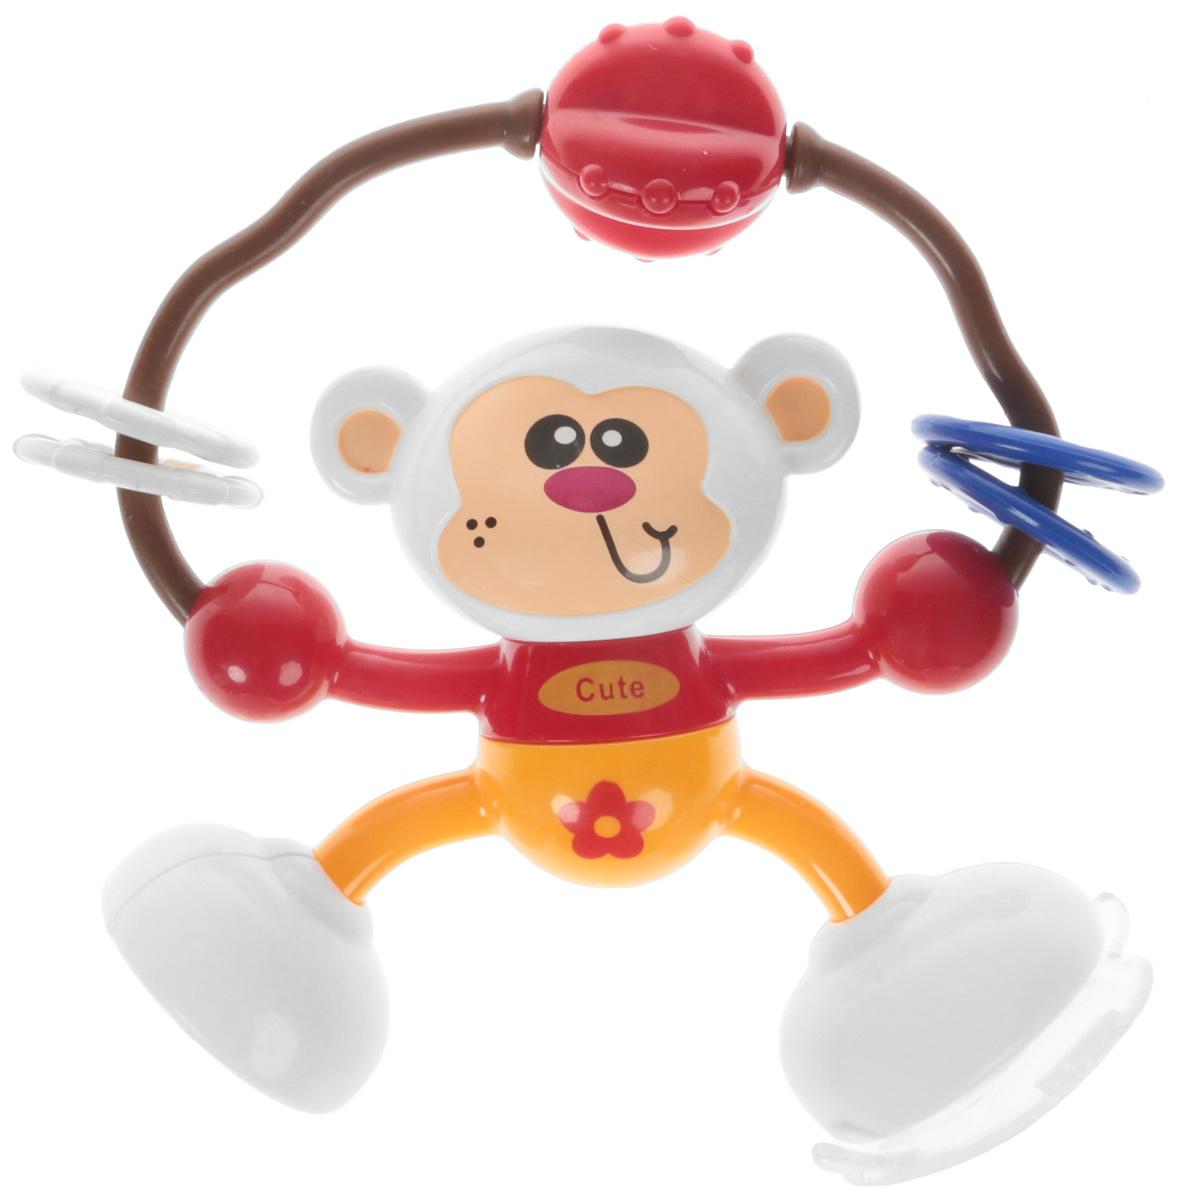 Ути-Пути Развивающая игрушка Обезьянка цвет красный оранжевый elc развивающая игрушка мышка на скутере цвет красный